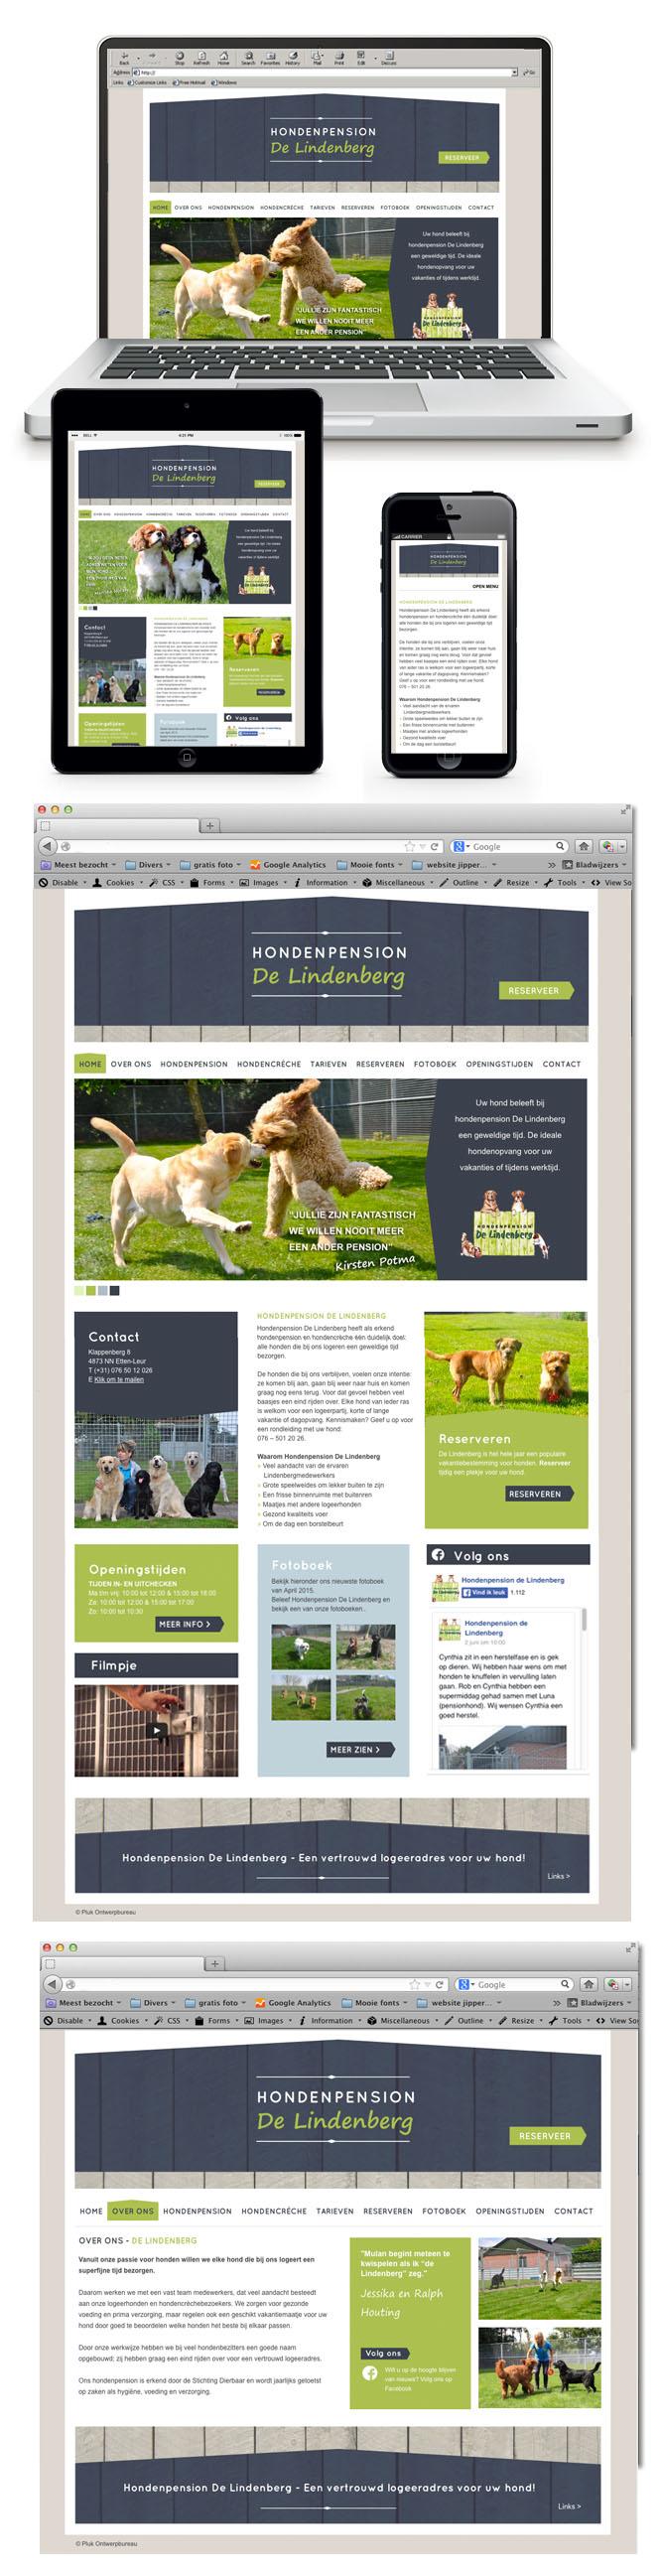 Website Hondenpension De Lindenberg